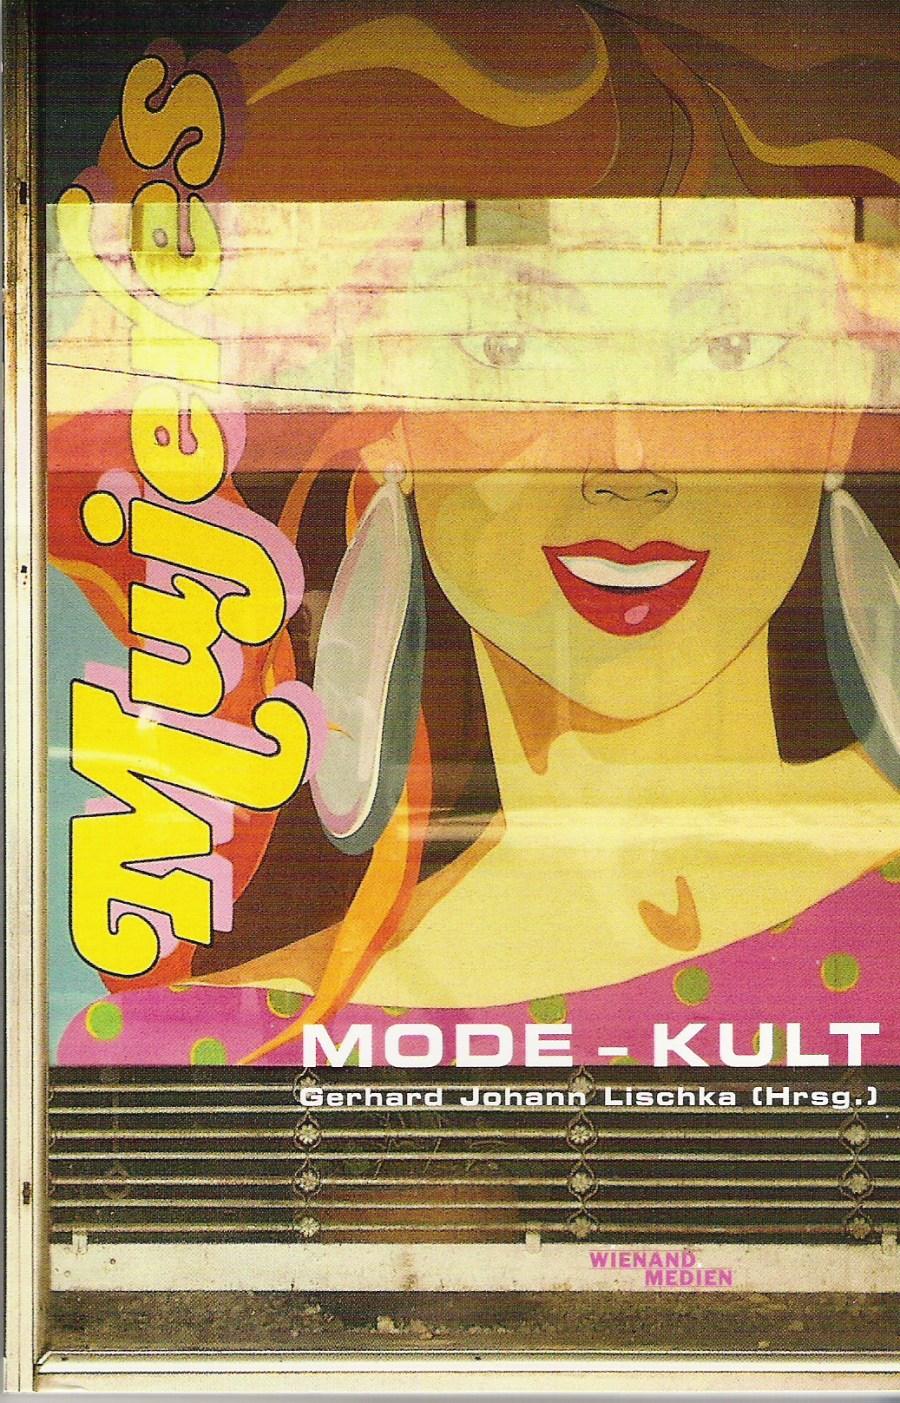 mode-kult